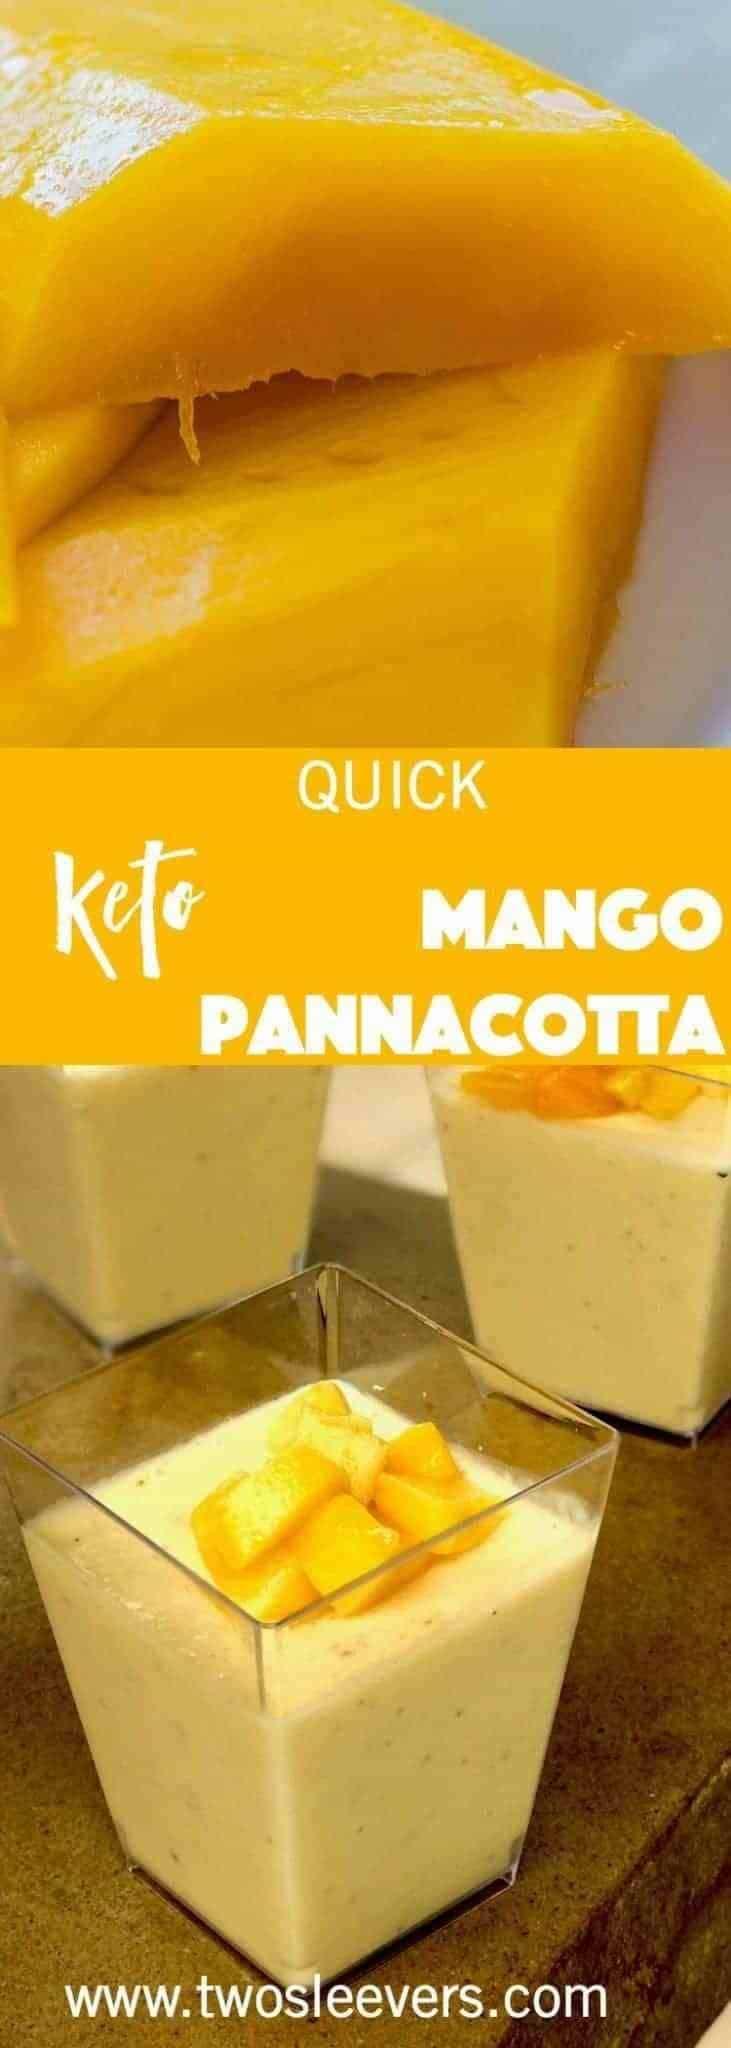 Quick Keto Mango Pannacotta